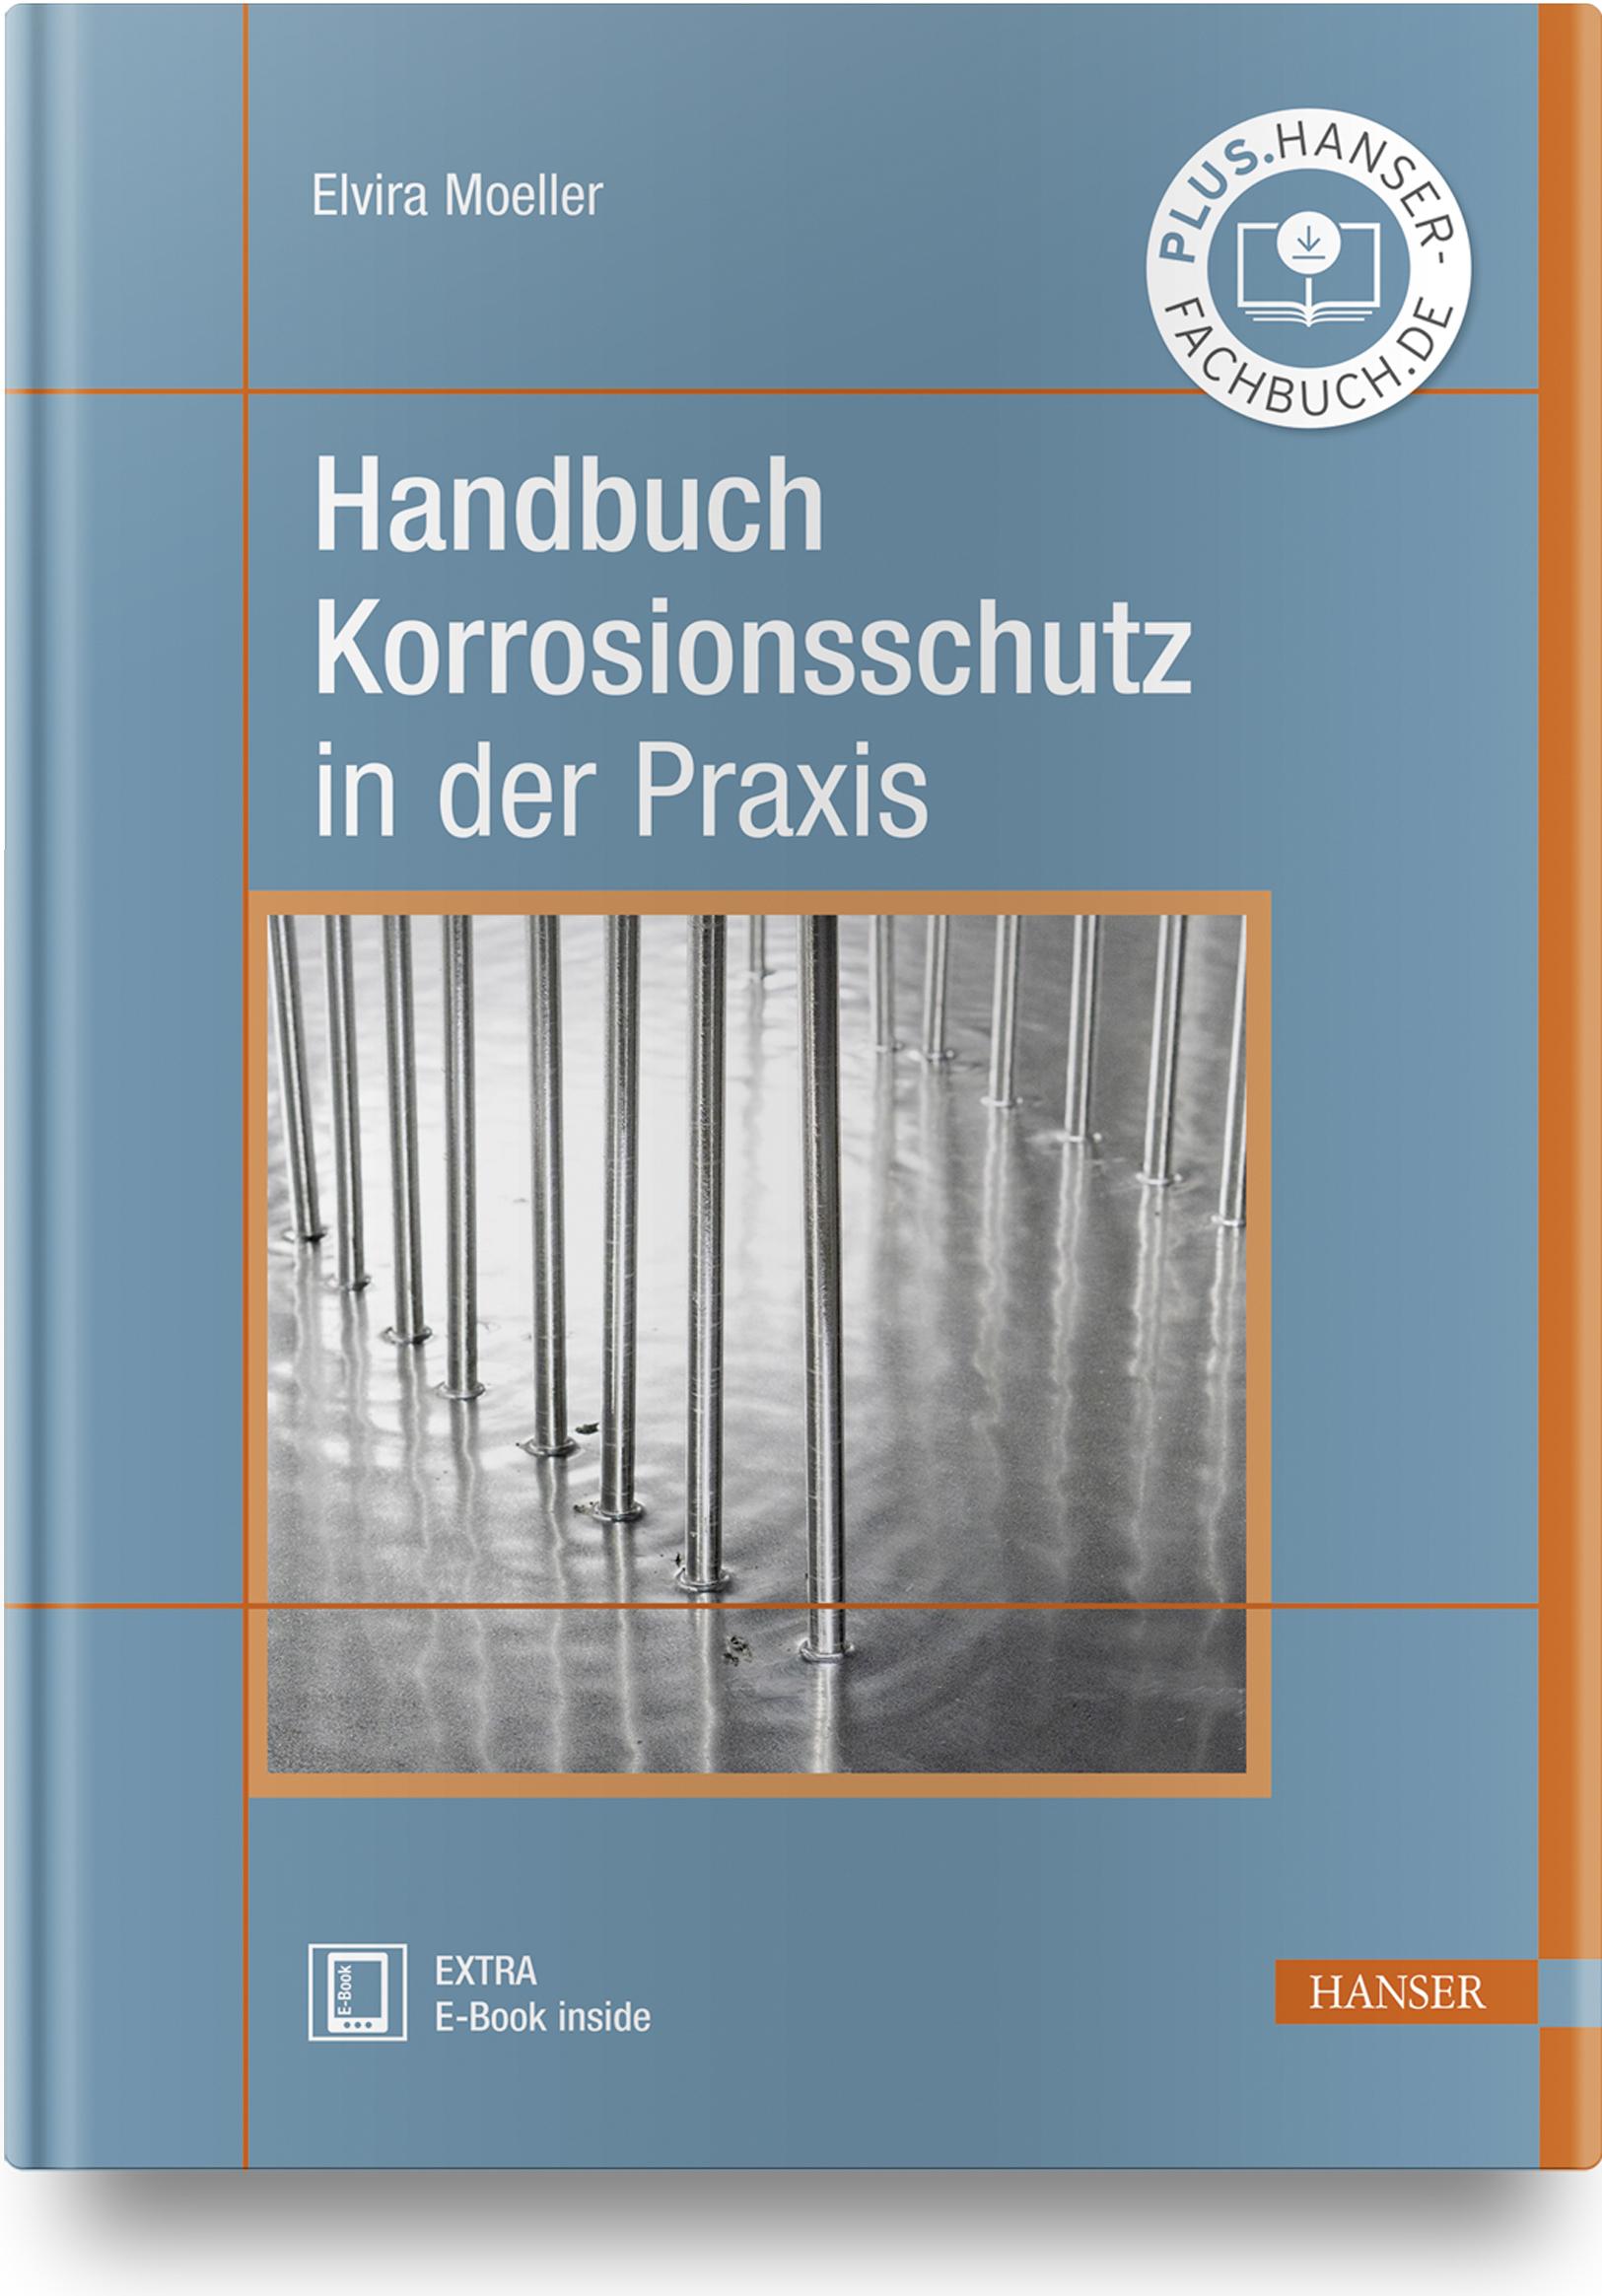 Moeller, Handbuch Korrosionsschutz in der Praxis, 978-3-446-22110-9